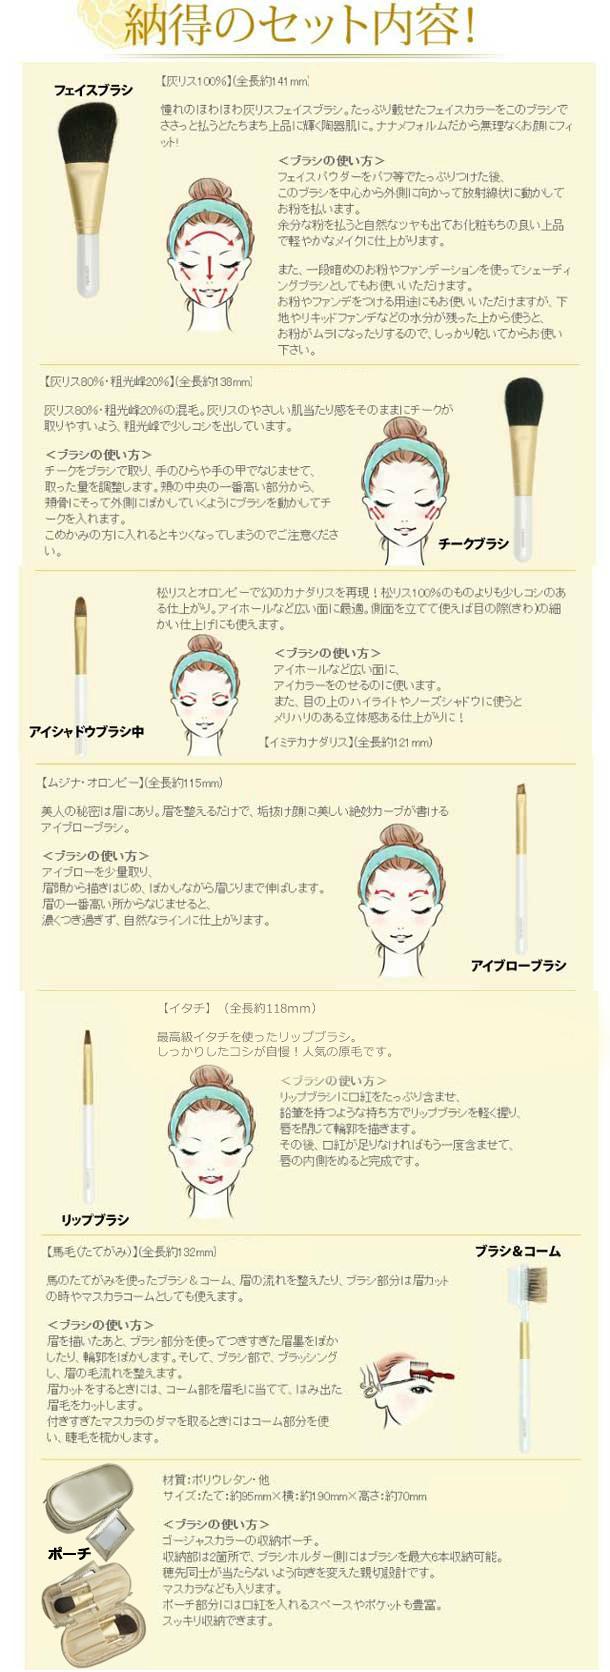 熊野筆スペシャルセット ホワイトリミテッド